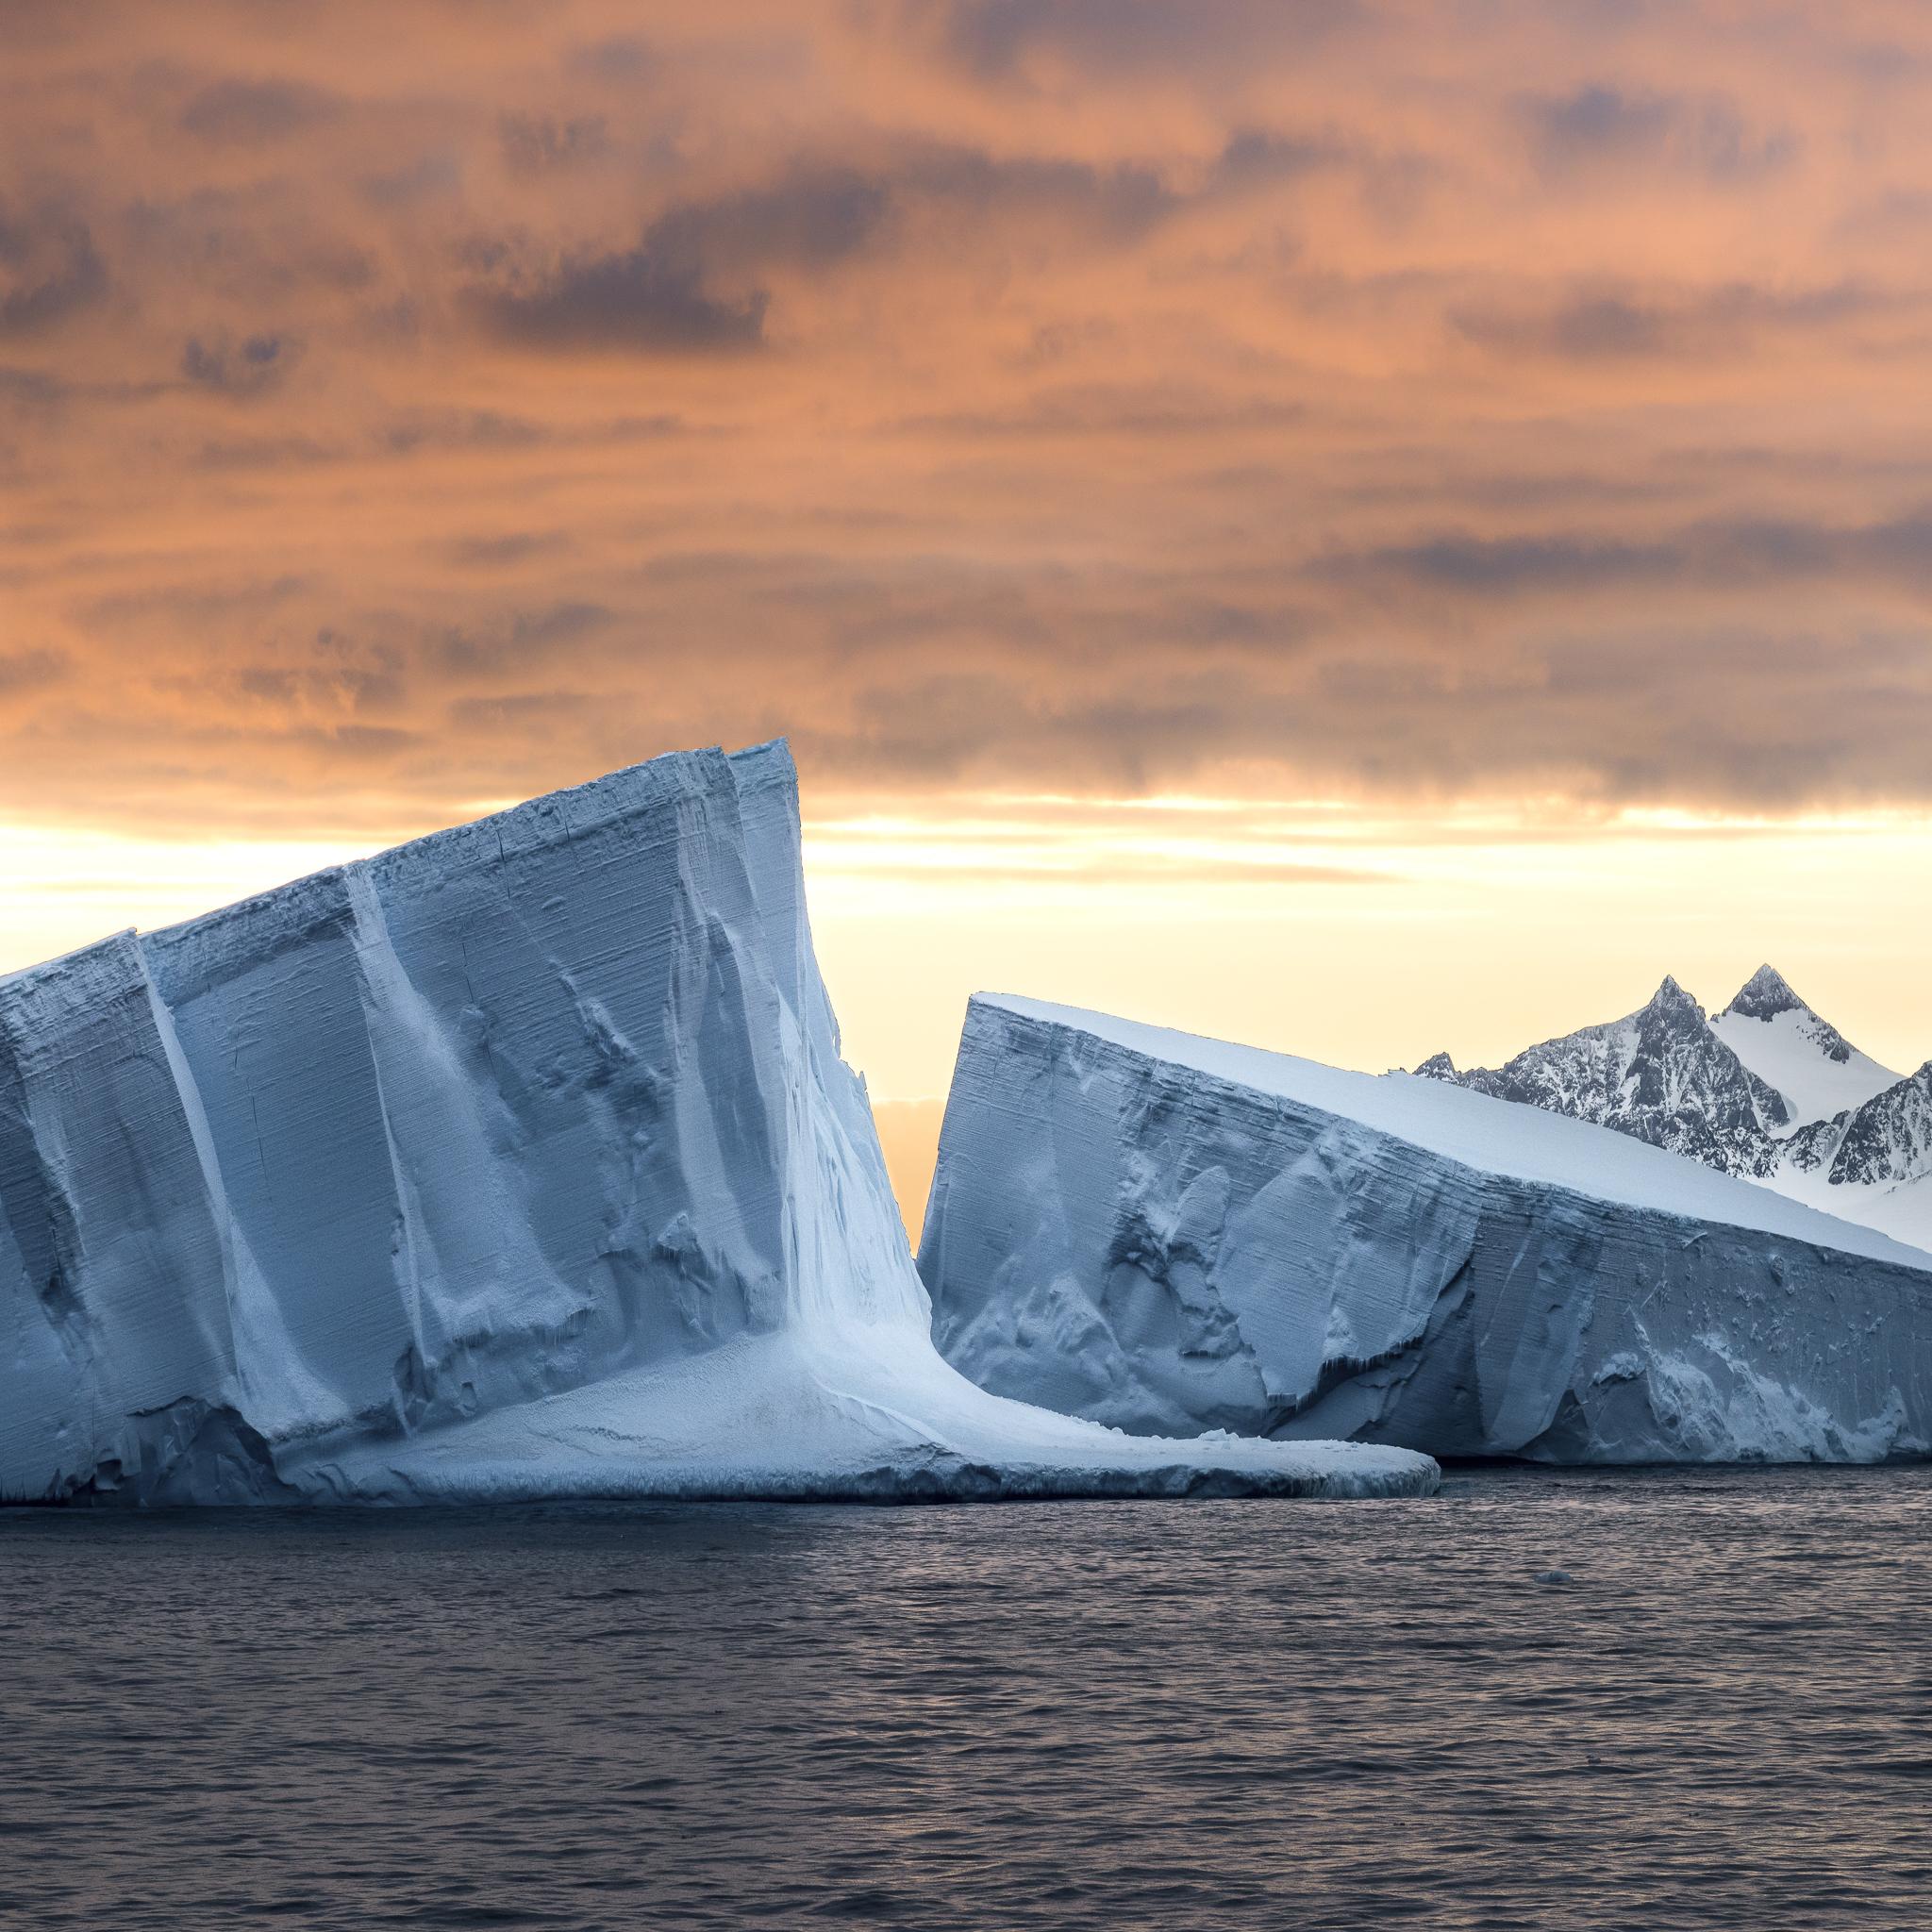 Giant tabular icebergs at sunrise.